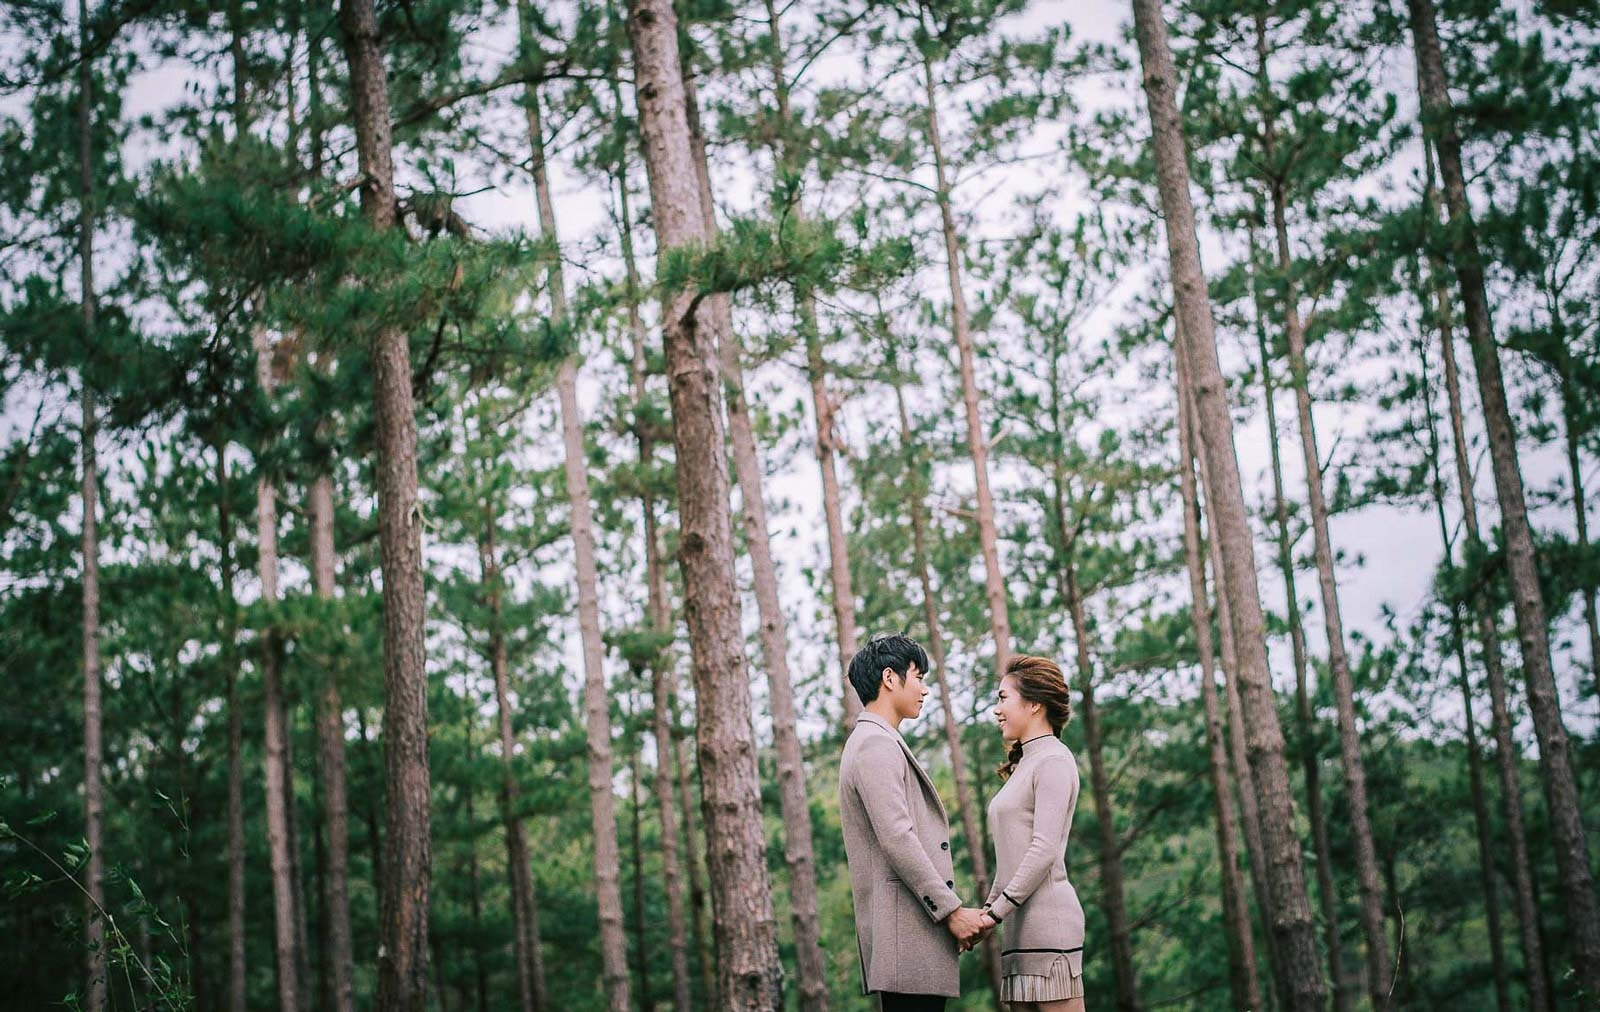 địa điểm chụp ảnh cưới Đà lạt trọn gói giá rẻ tphcm